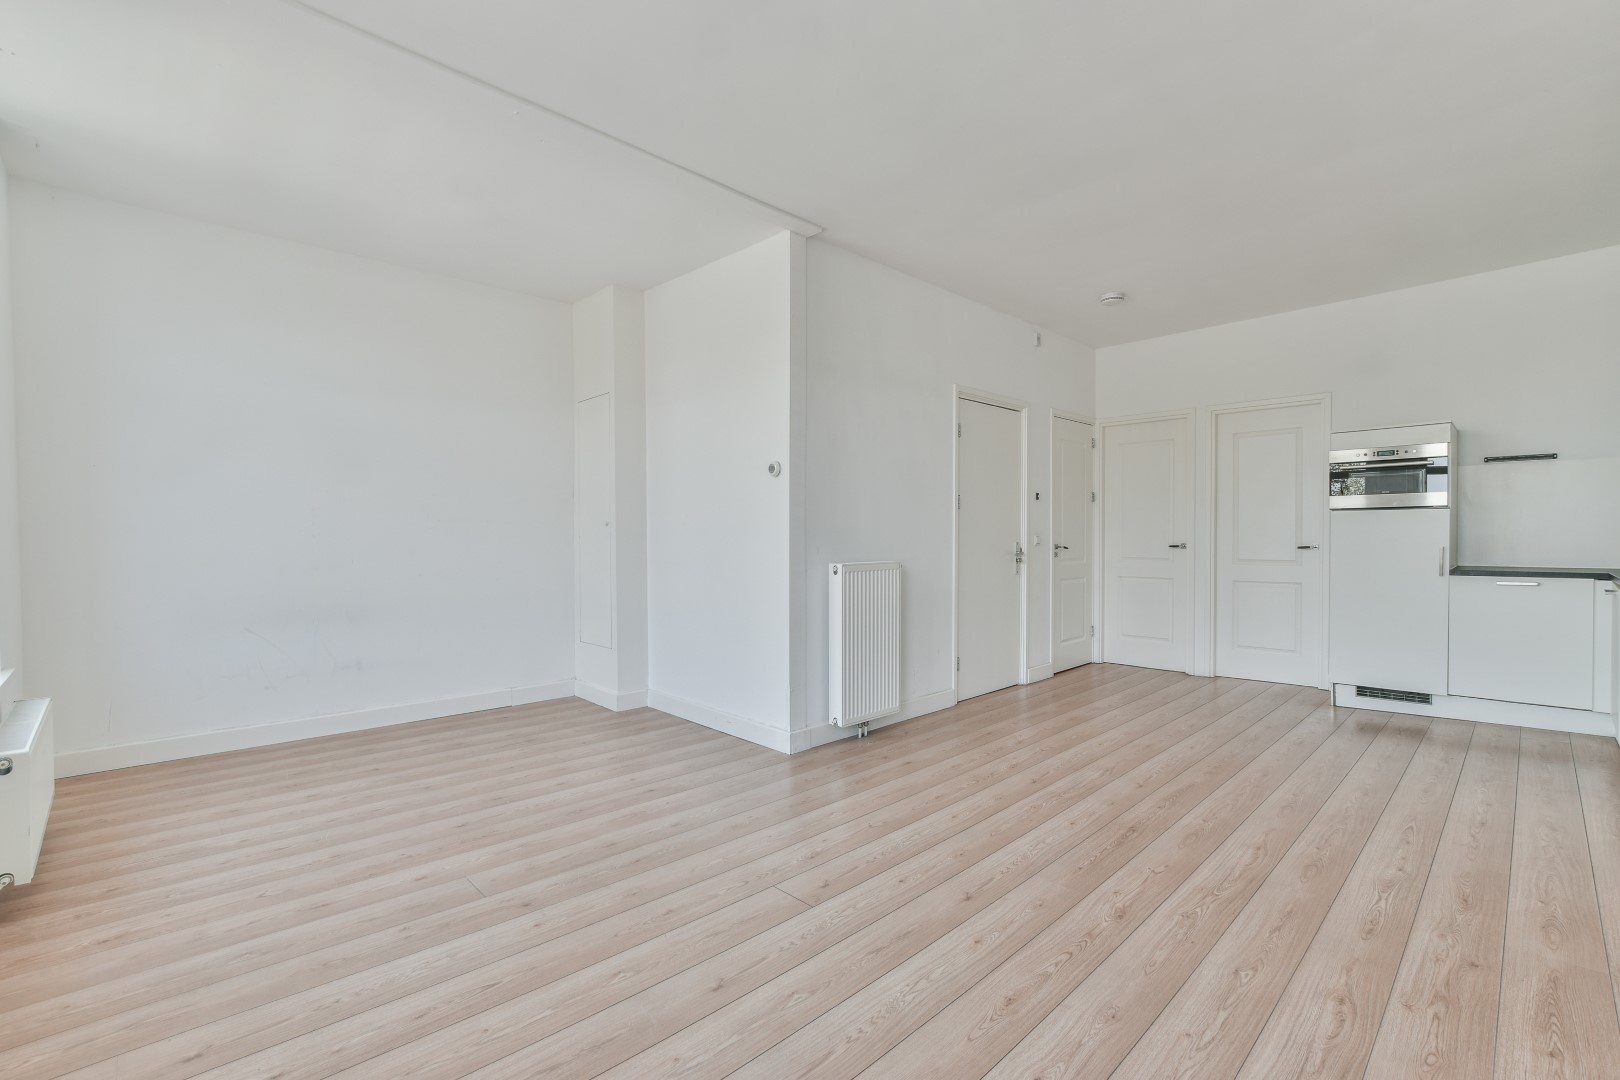 Nassaukade 121 II 1052 EC, Amsterdam, Noord-Holland Netherlands, 2 Bedrooms Bedrooms, ,1 BathroomBathrooms,Apartment,For Rent,Nassaukade,2,1554